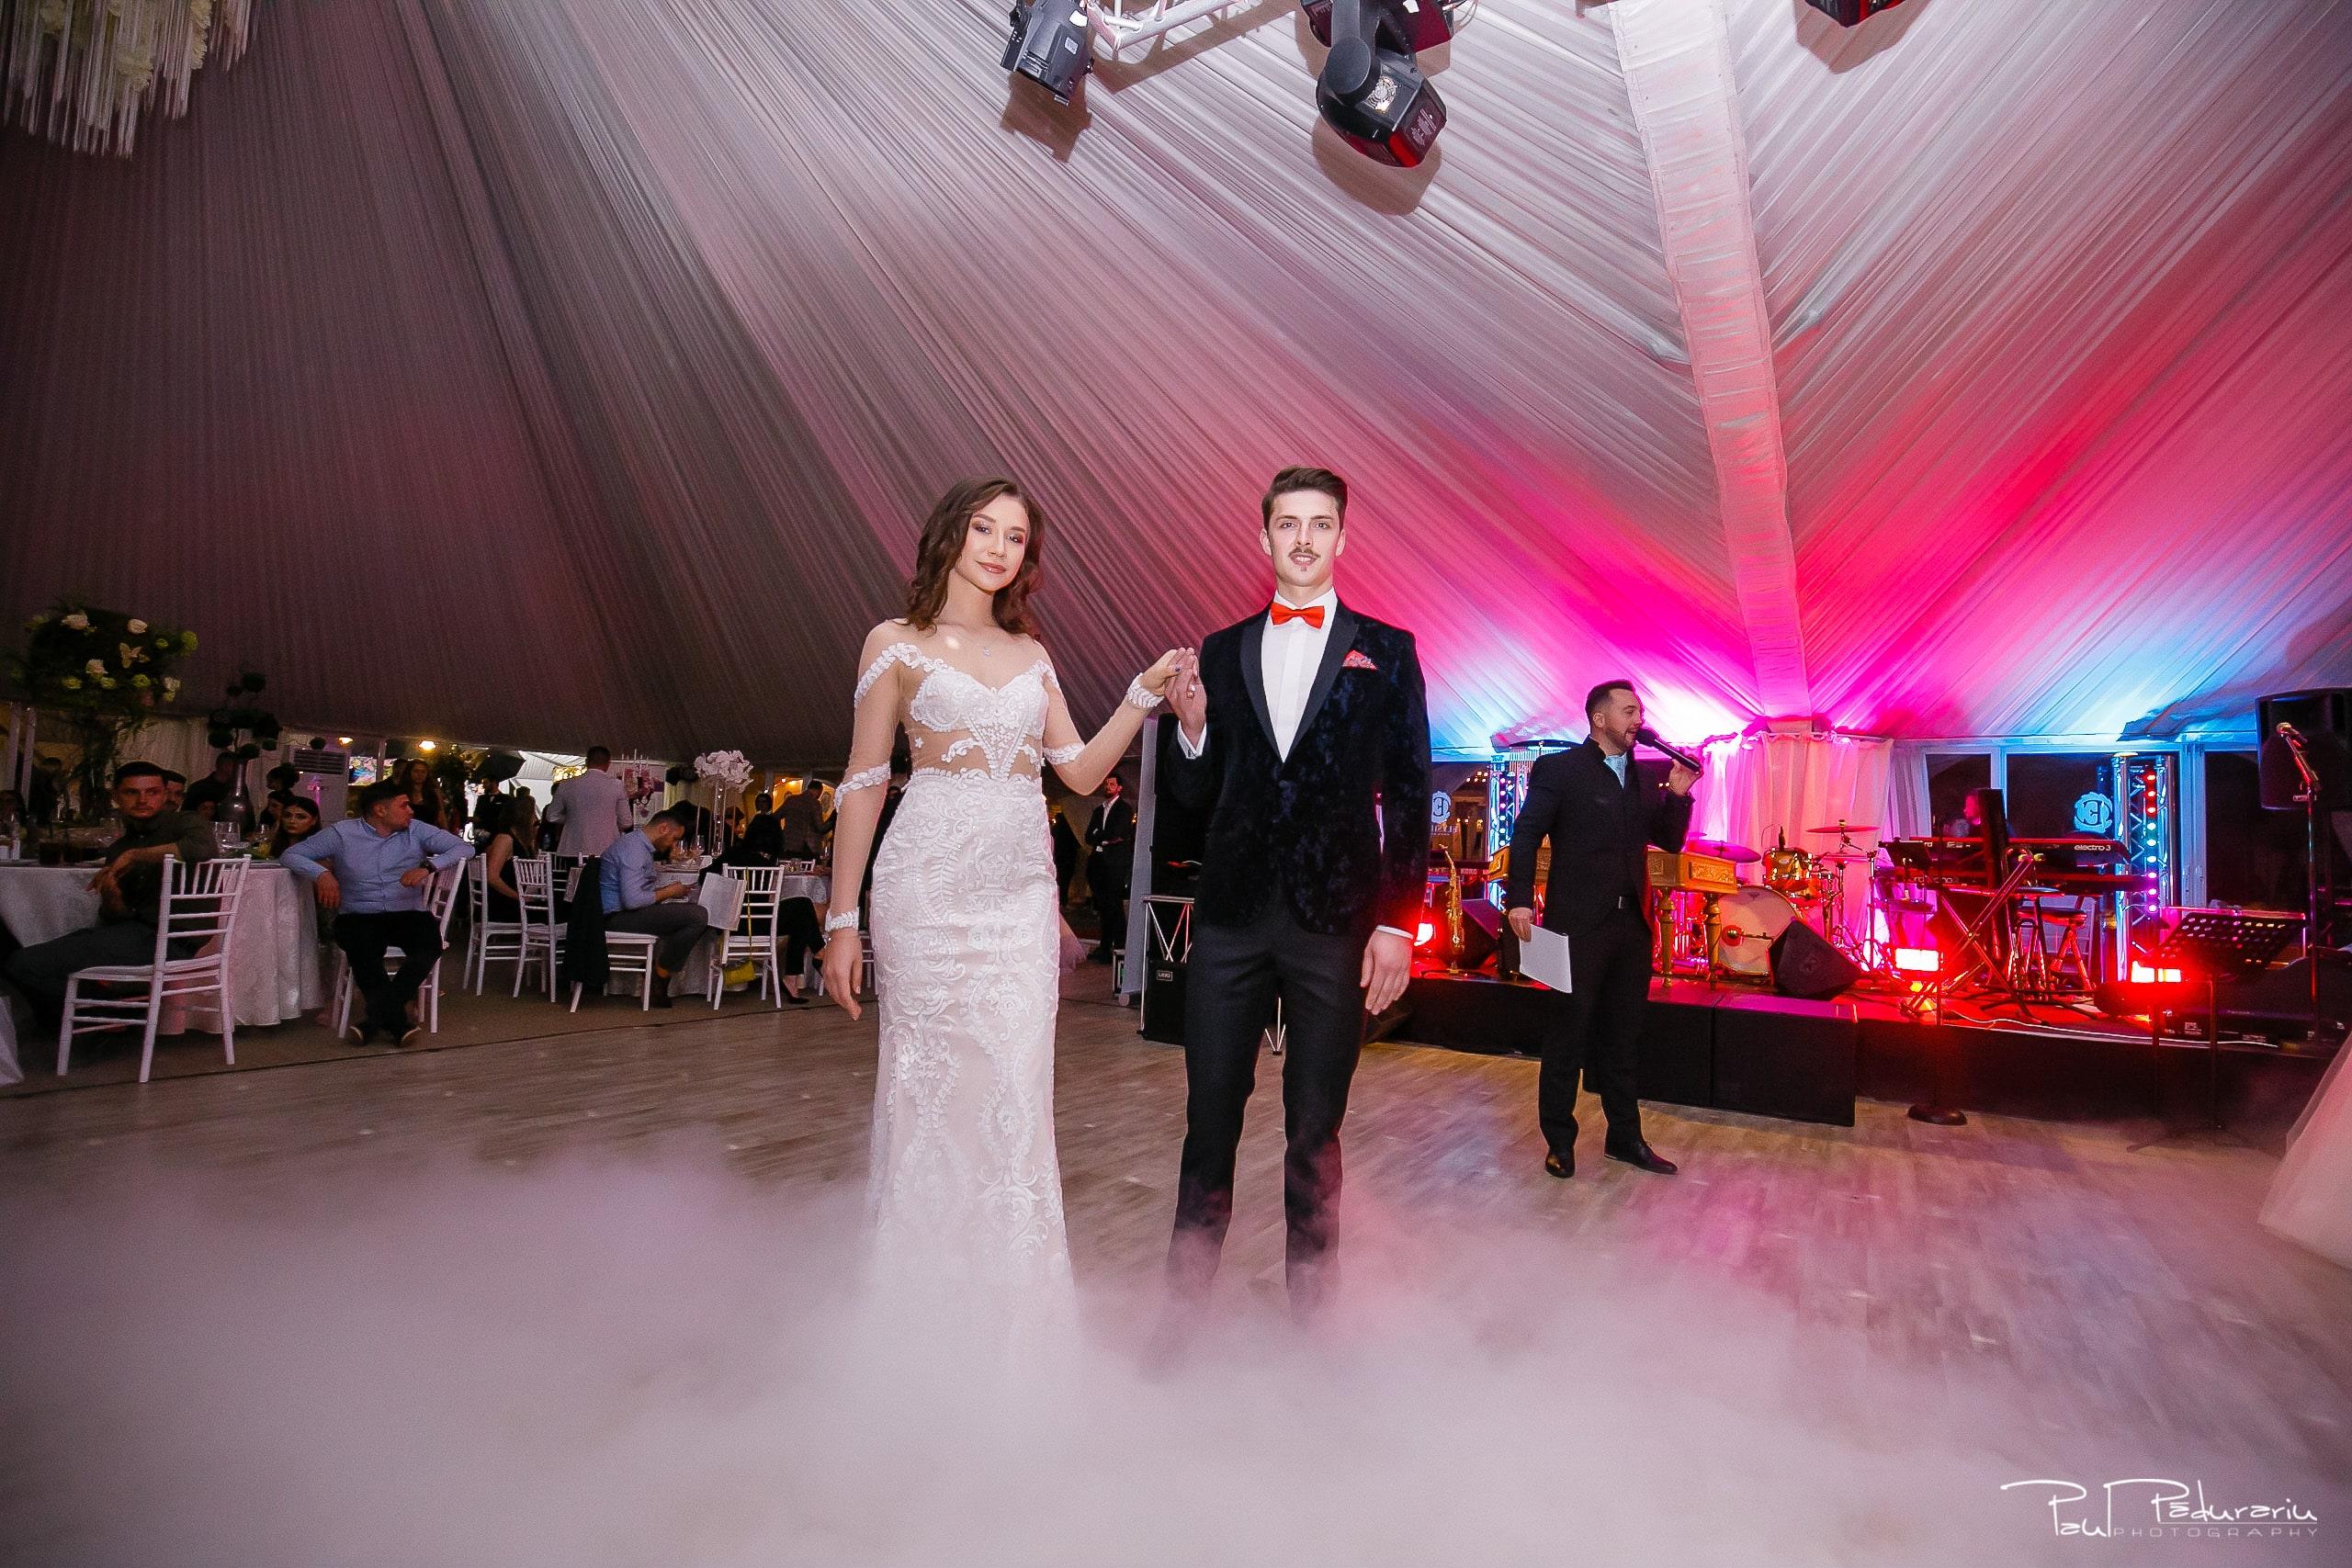 Nunta de proba Elysium Iasi 2019 paul padurariu fotograf nunta Iasi 107